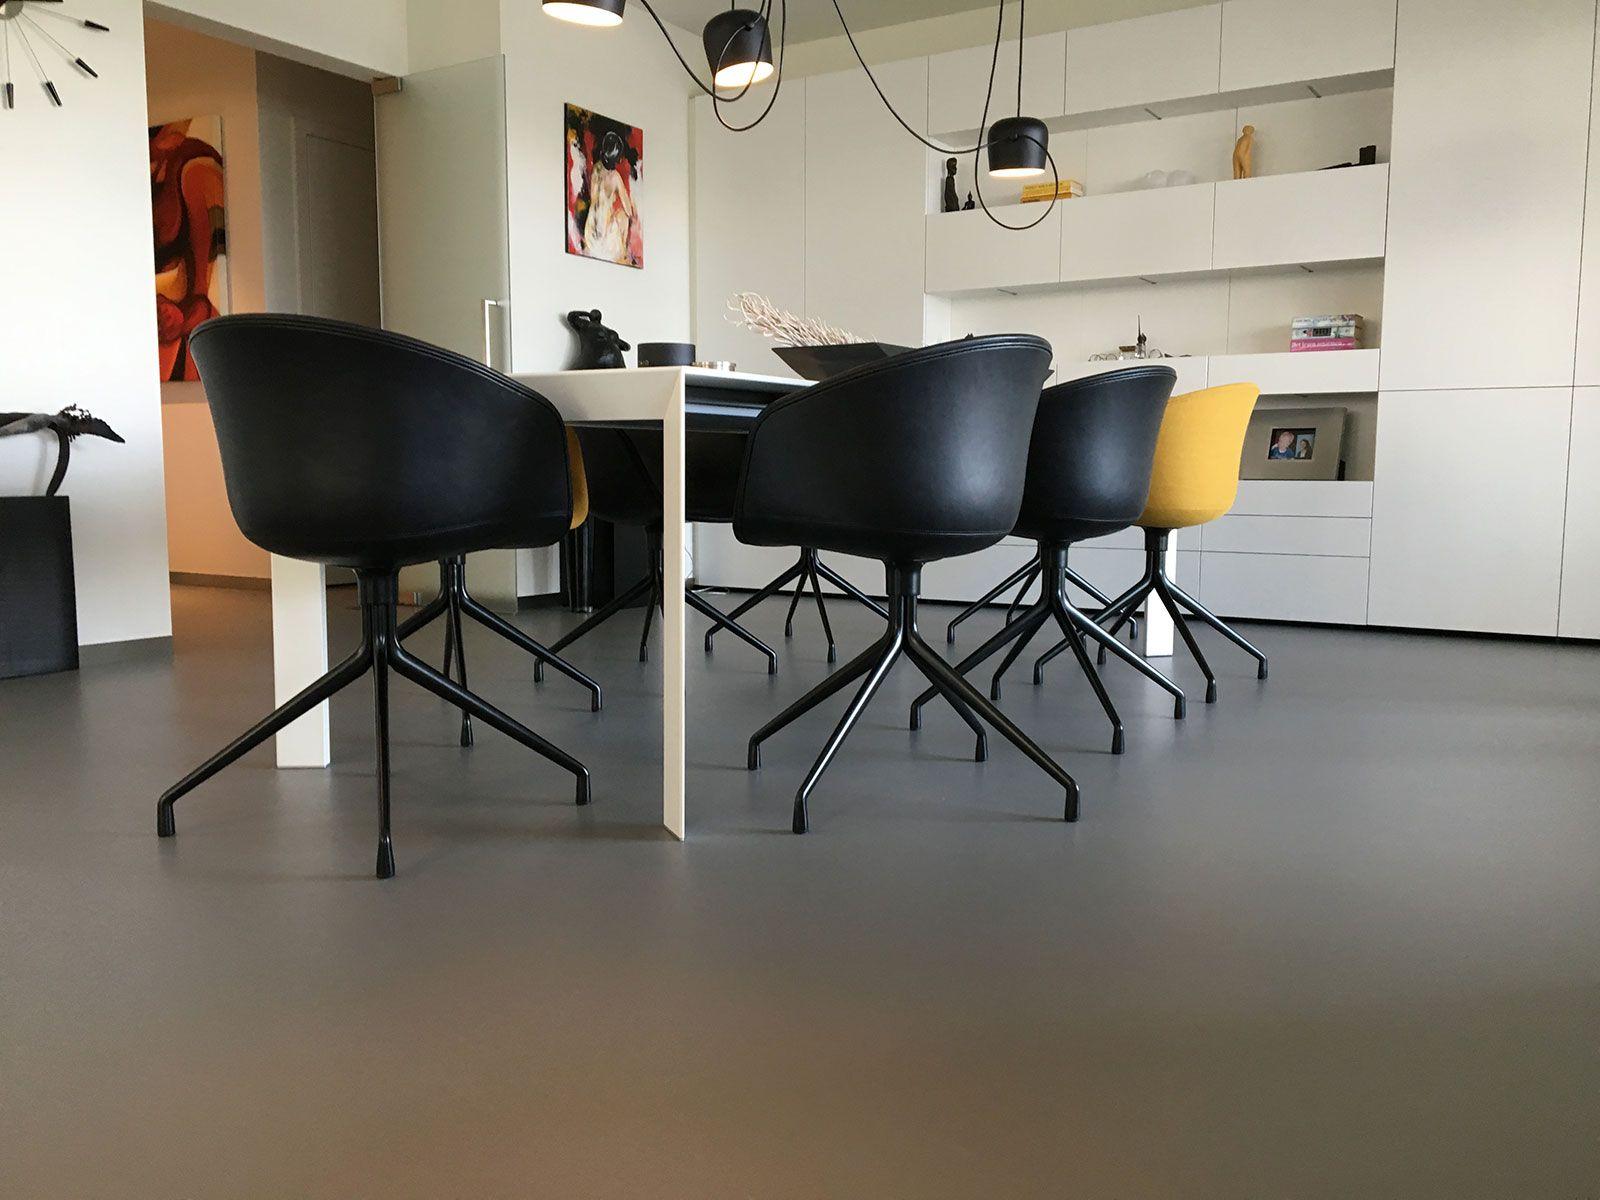 gietvloer lommel appartement eetkamer van hollandse bodem